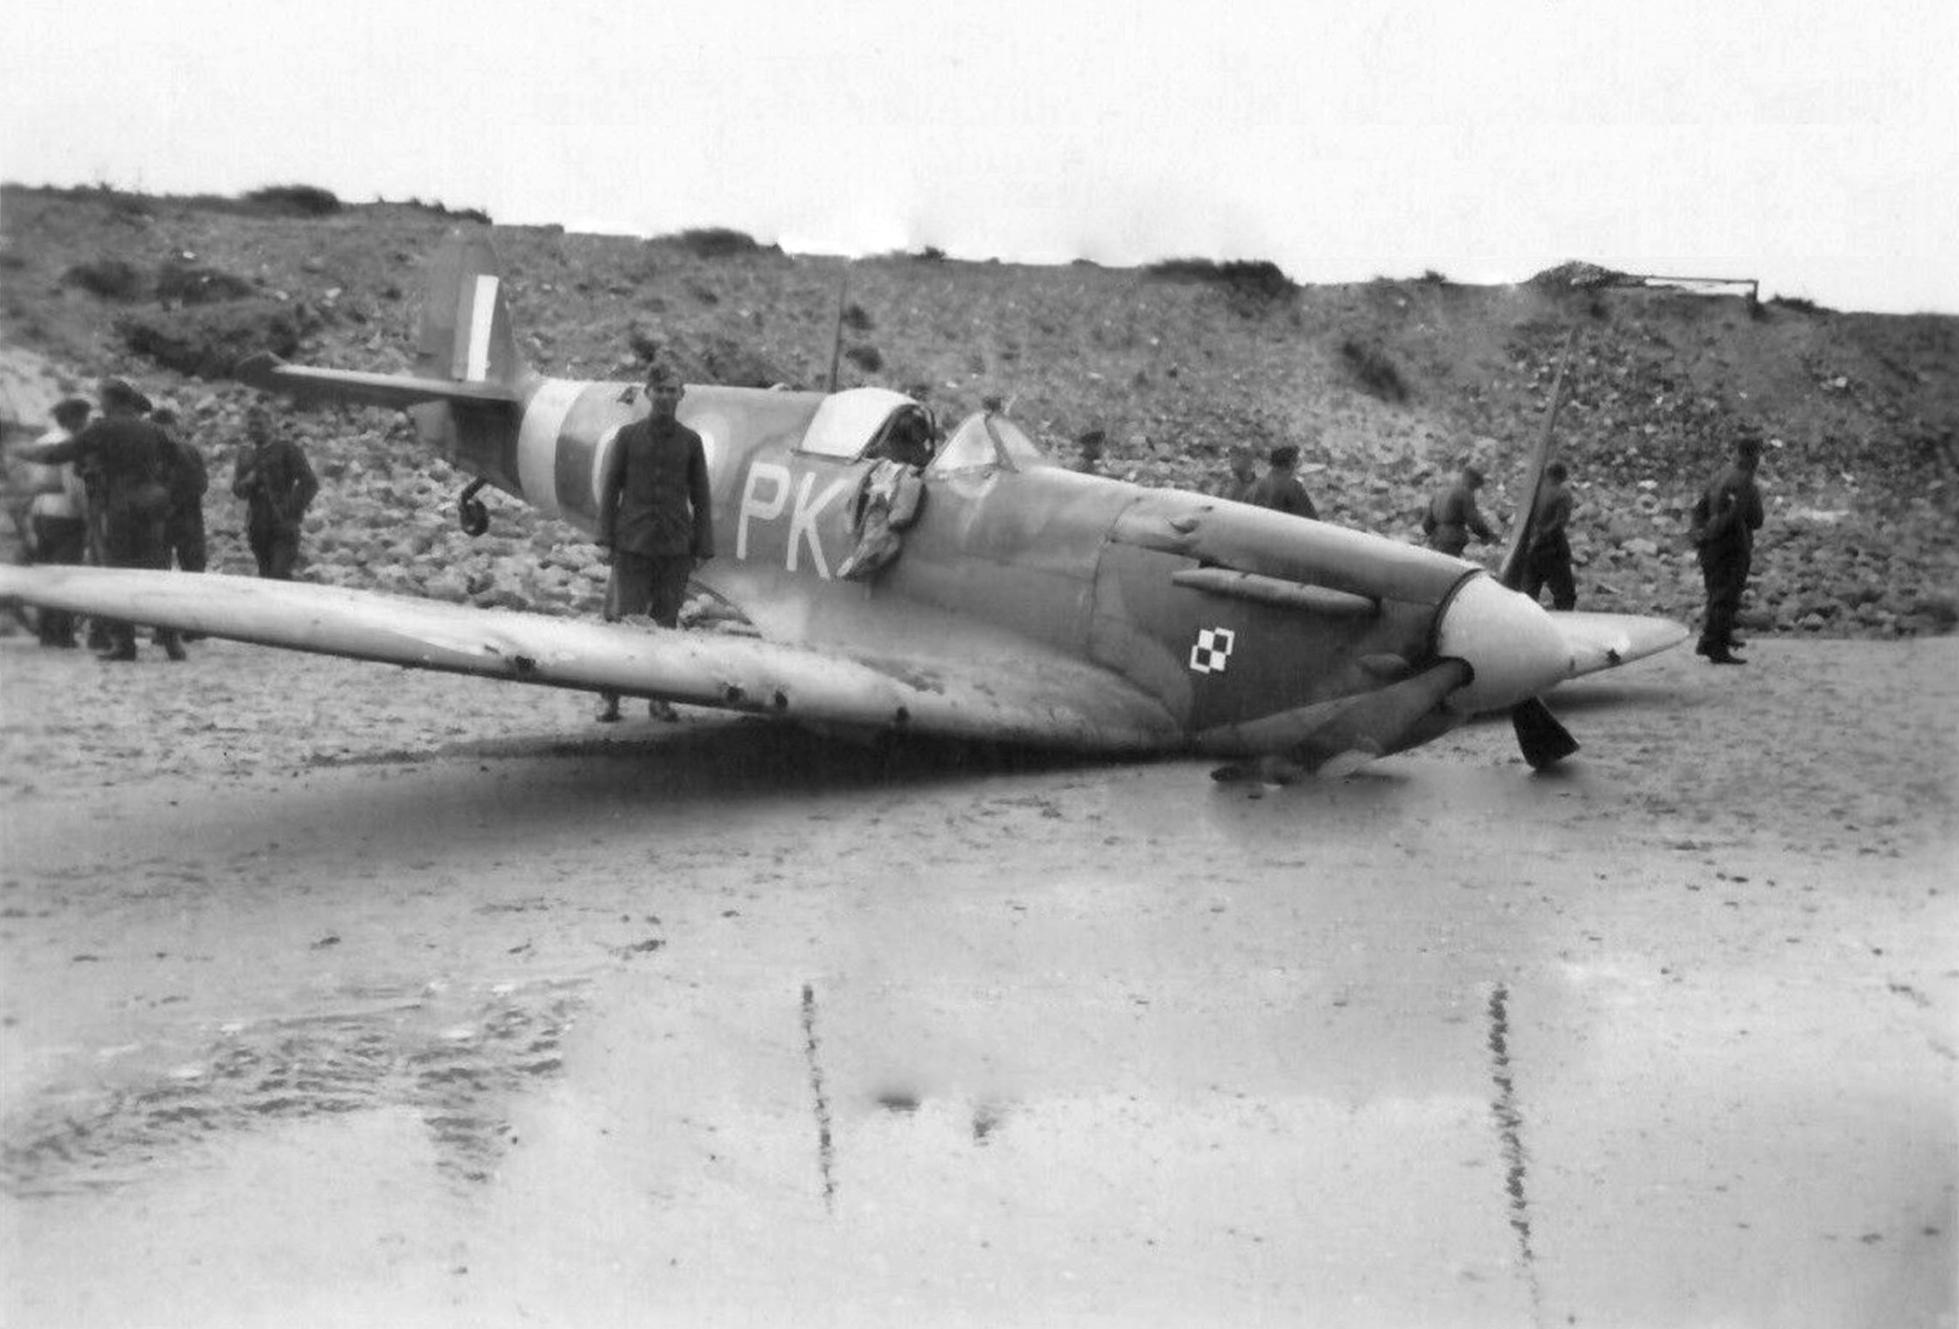 Spitfire MkII RAF 315Sqn PKO FLt B Mickiewicz P7606 FL Middelkerke Belgium 29 Aug 1940 POW 02